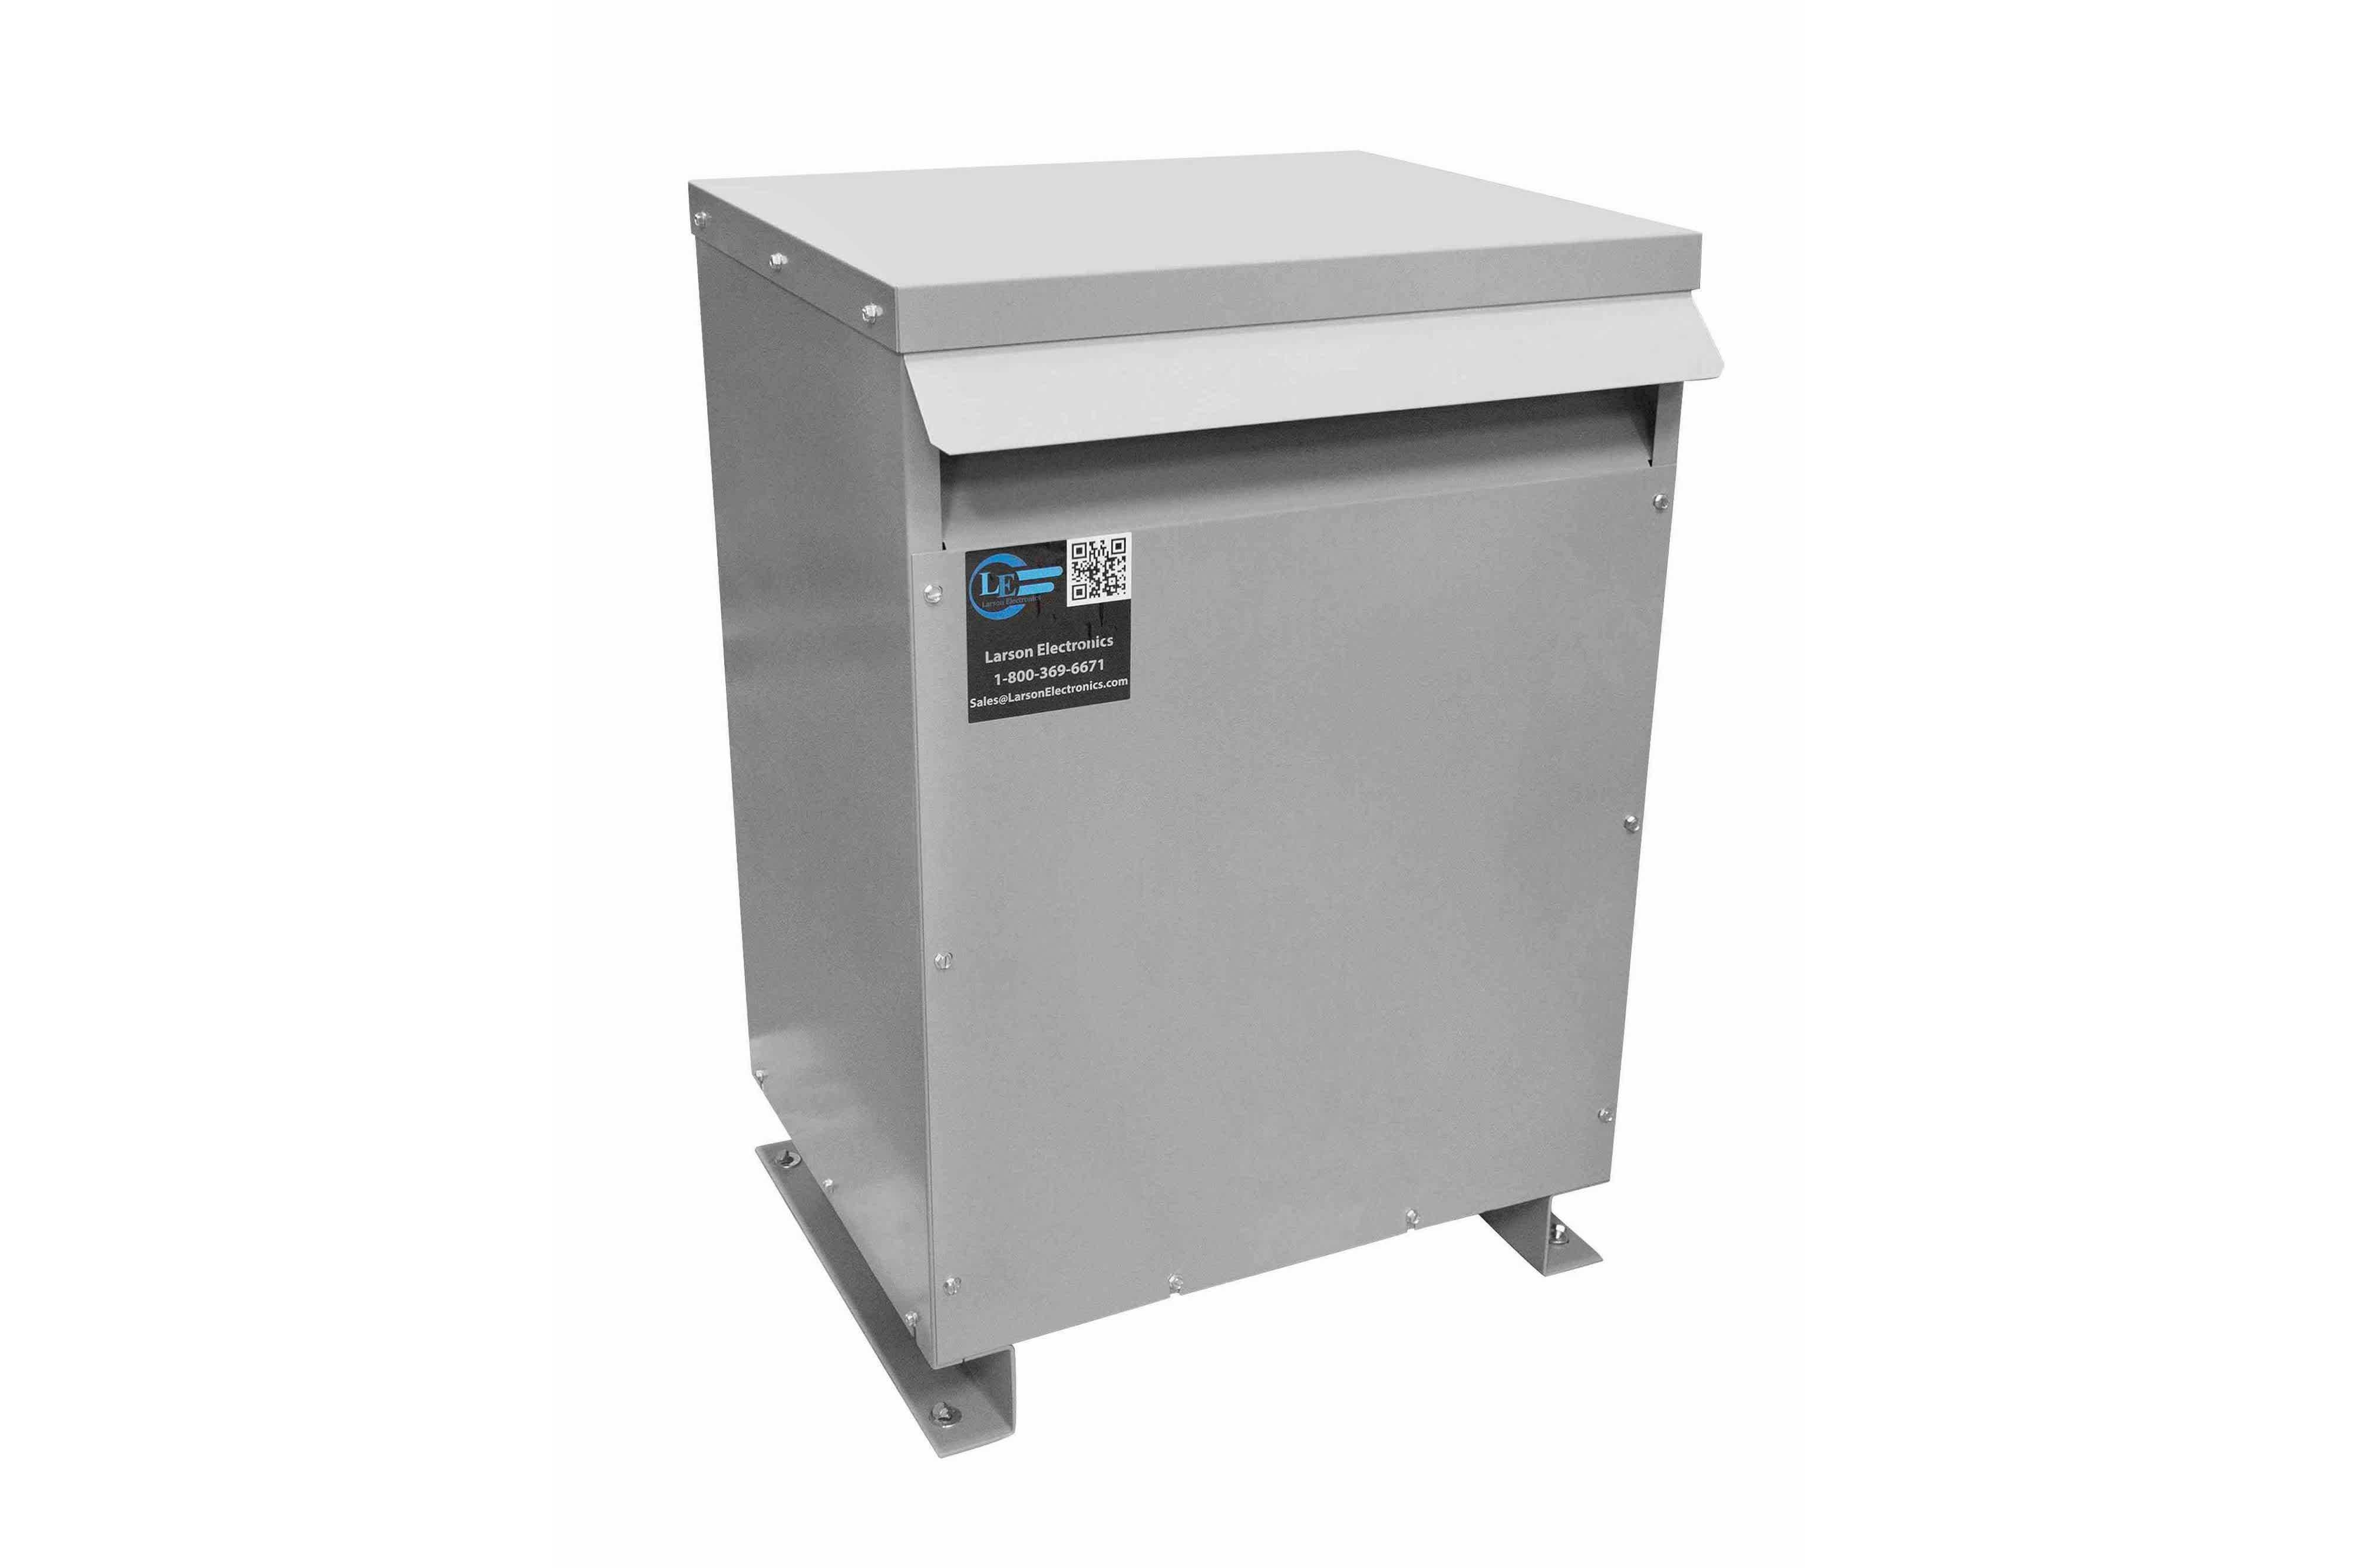 28 kVA 3PH Isolation Transformer, 380V Delta Primary, 600V Delta Secondary, N3R, Ventilated, 60 Hz